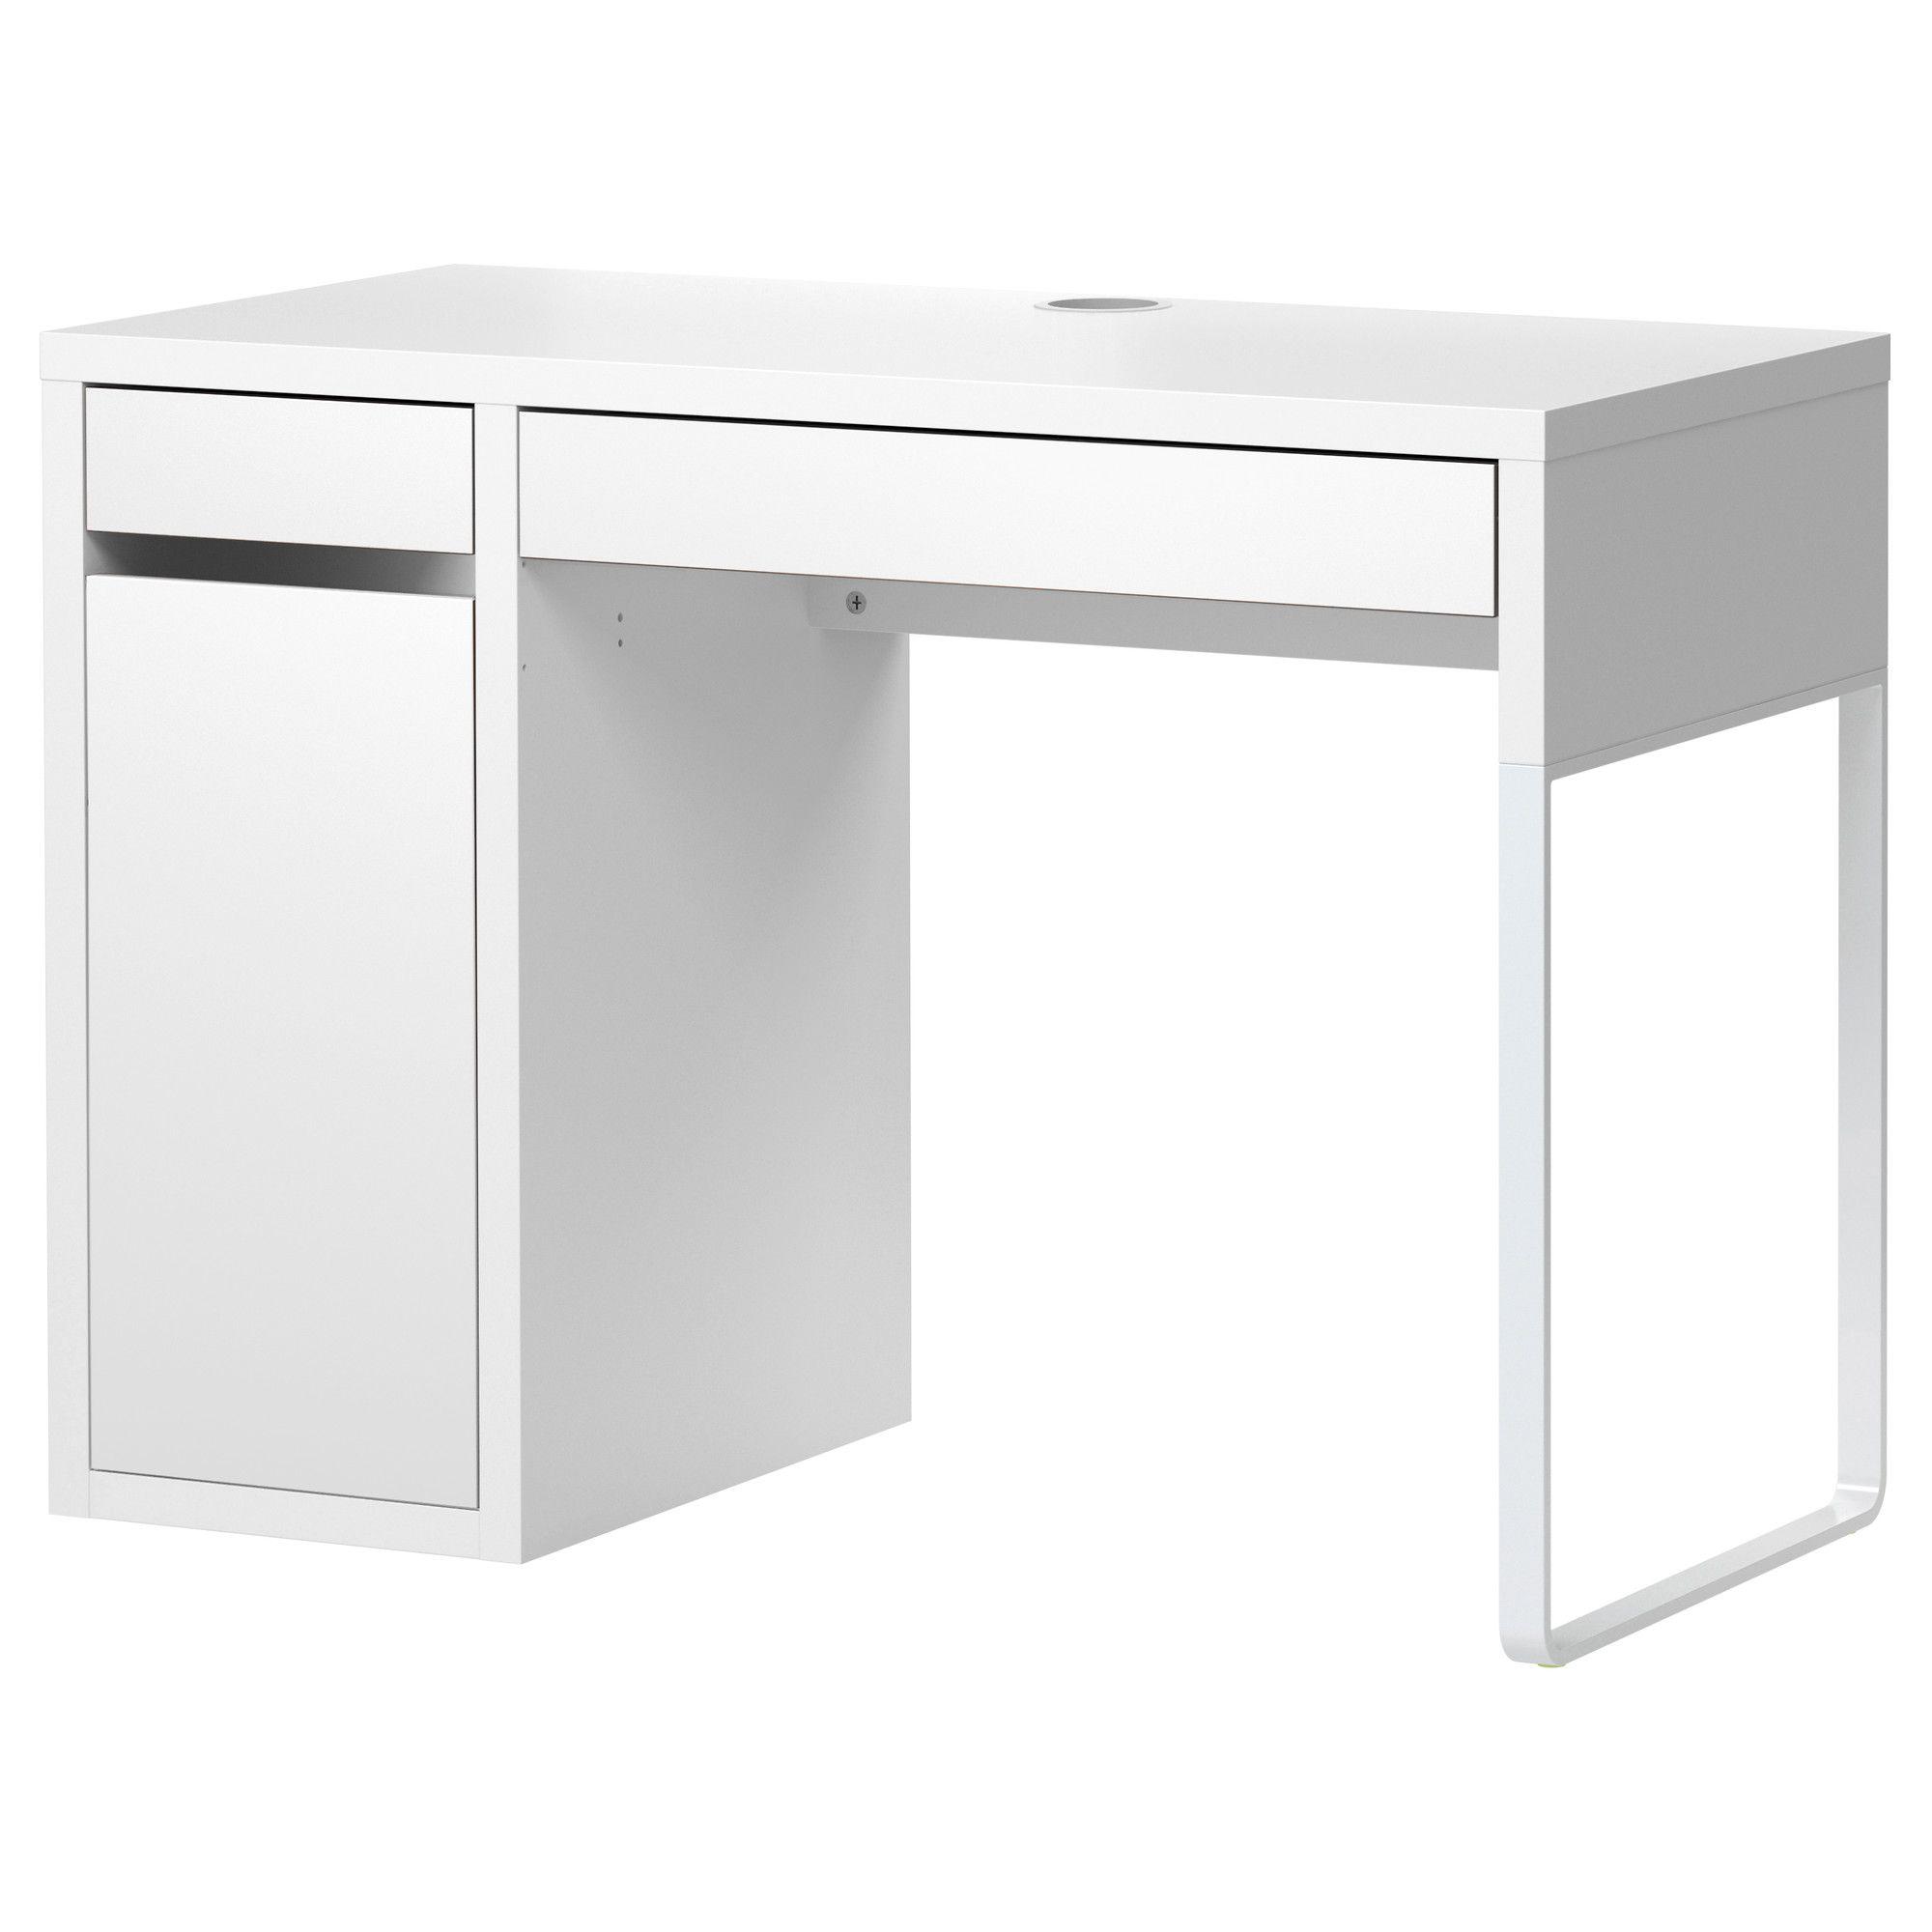 Micke Schreibtisch Weiss Ikea Deutschland Micke Schreibtisch